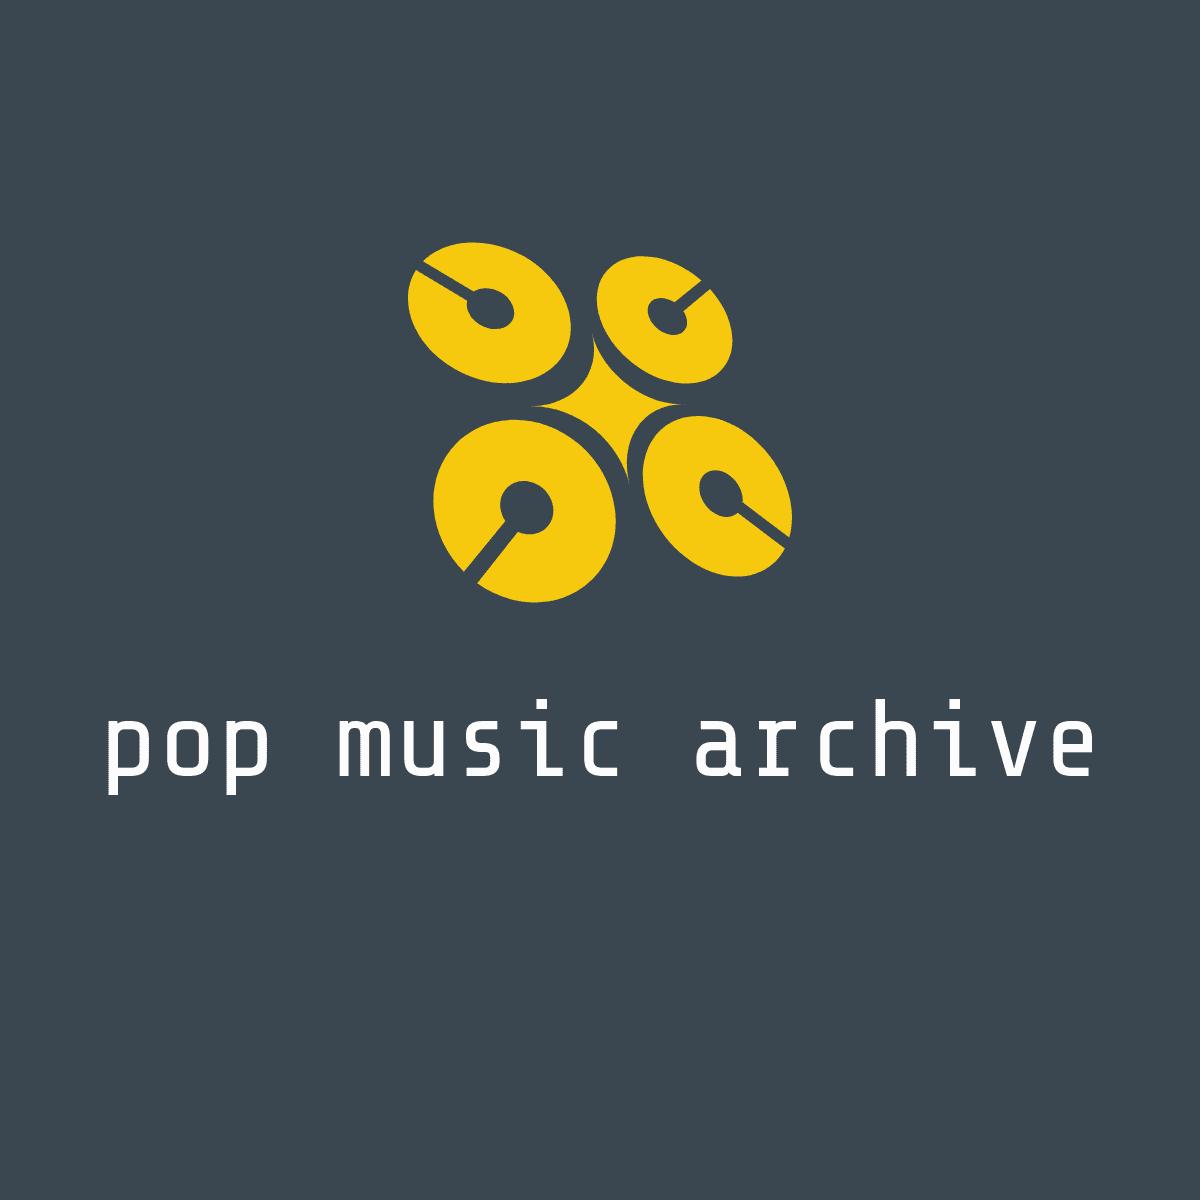 История популярной музыки